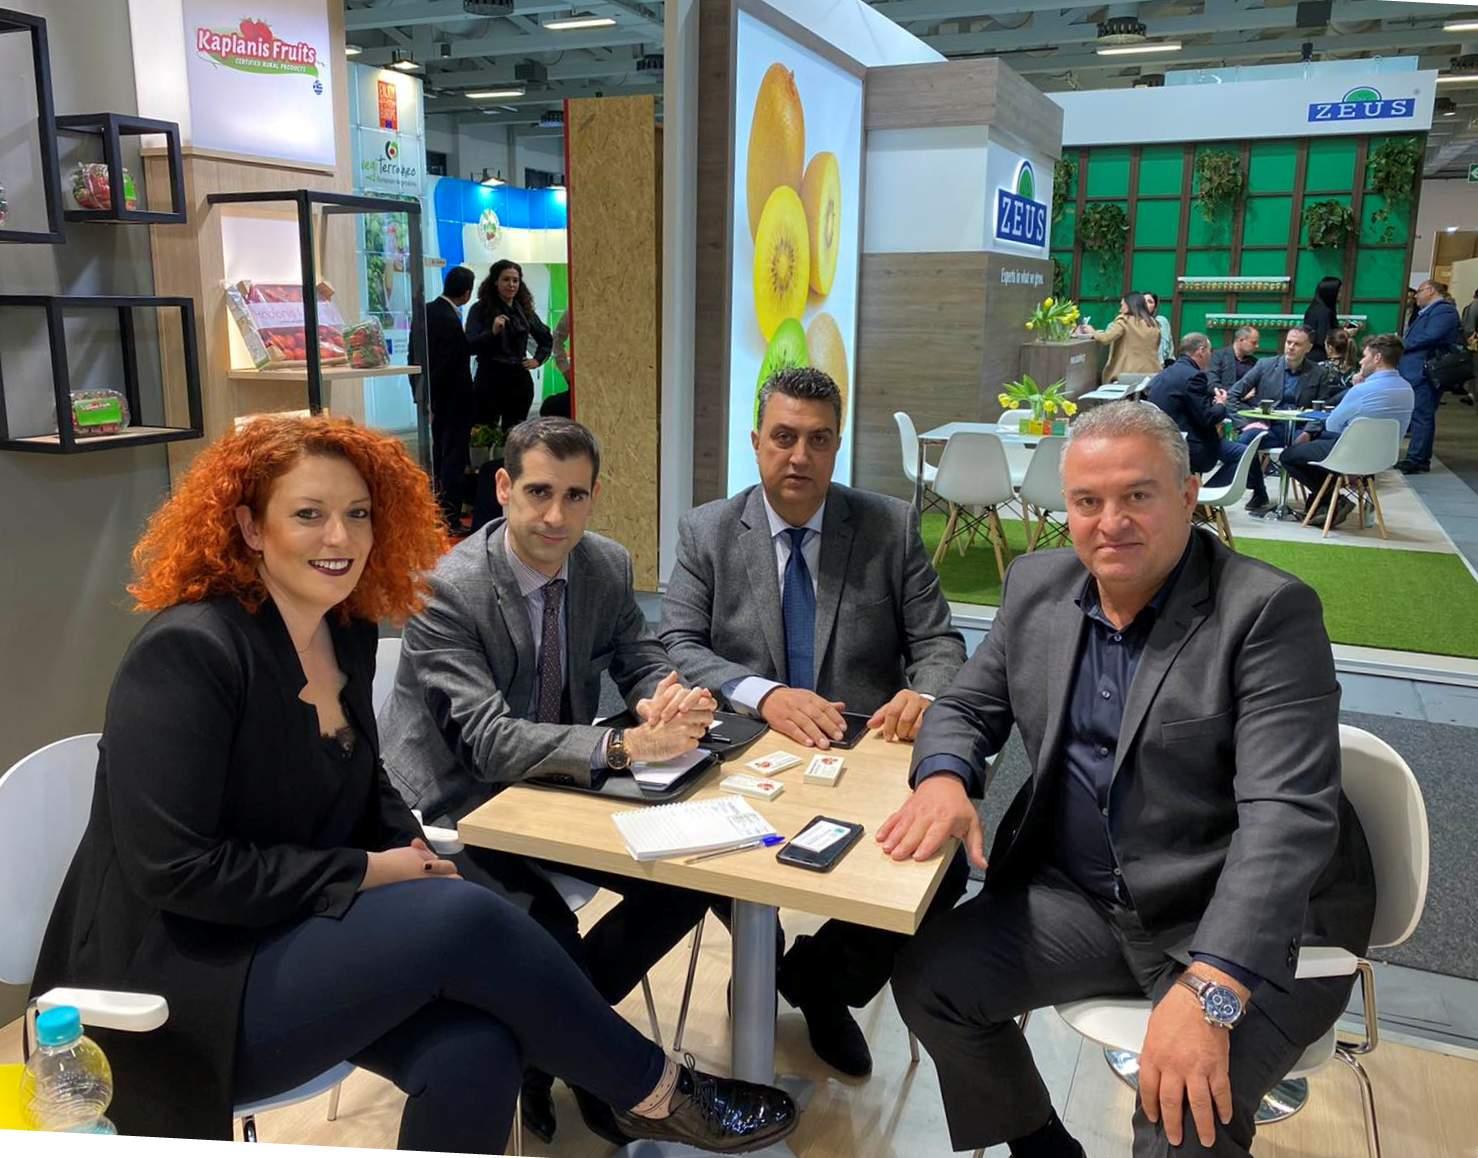 """Π.Ε. Ηλείας: Επίσκεψη Αντιπεριφερειάρχη Β. Γιαννόπουλου στην Διεθνή Έκθεση """"FRUIT LOGISTICA"""" στο Βερολίνο (Photos)"""